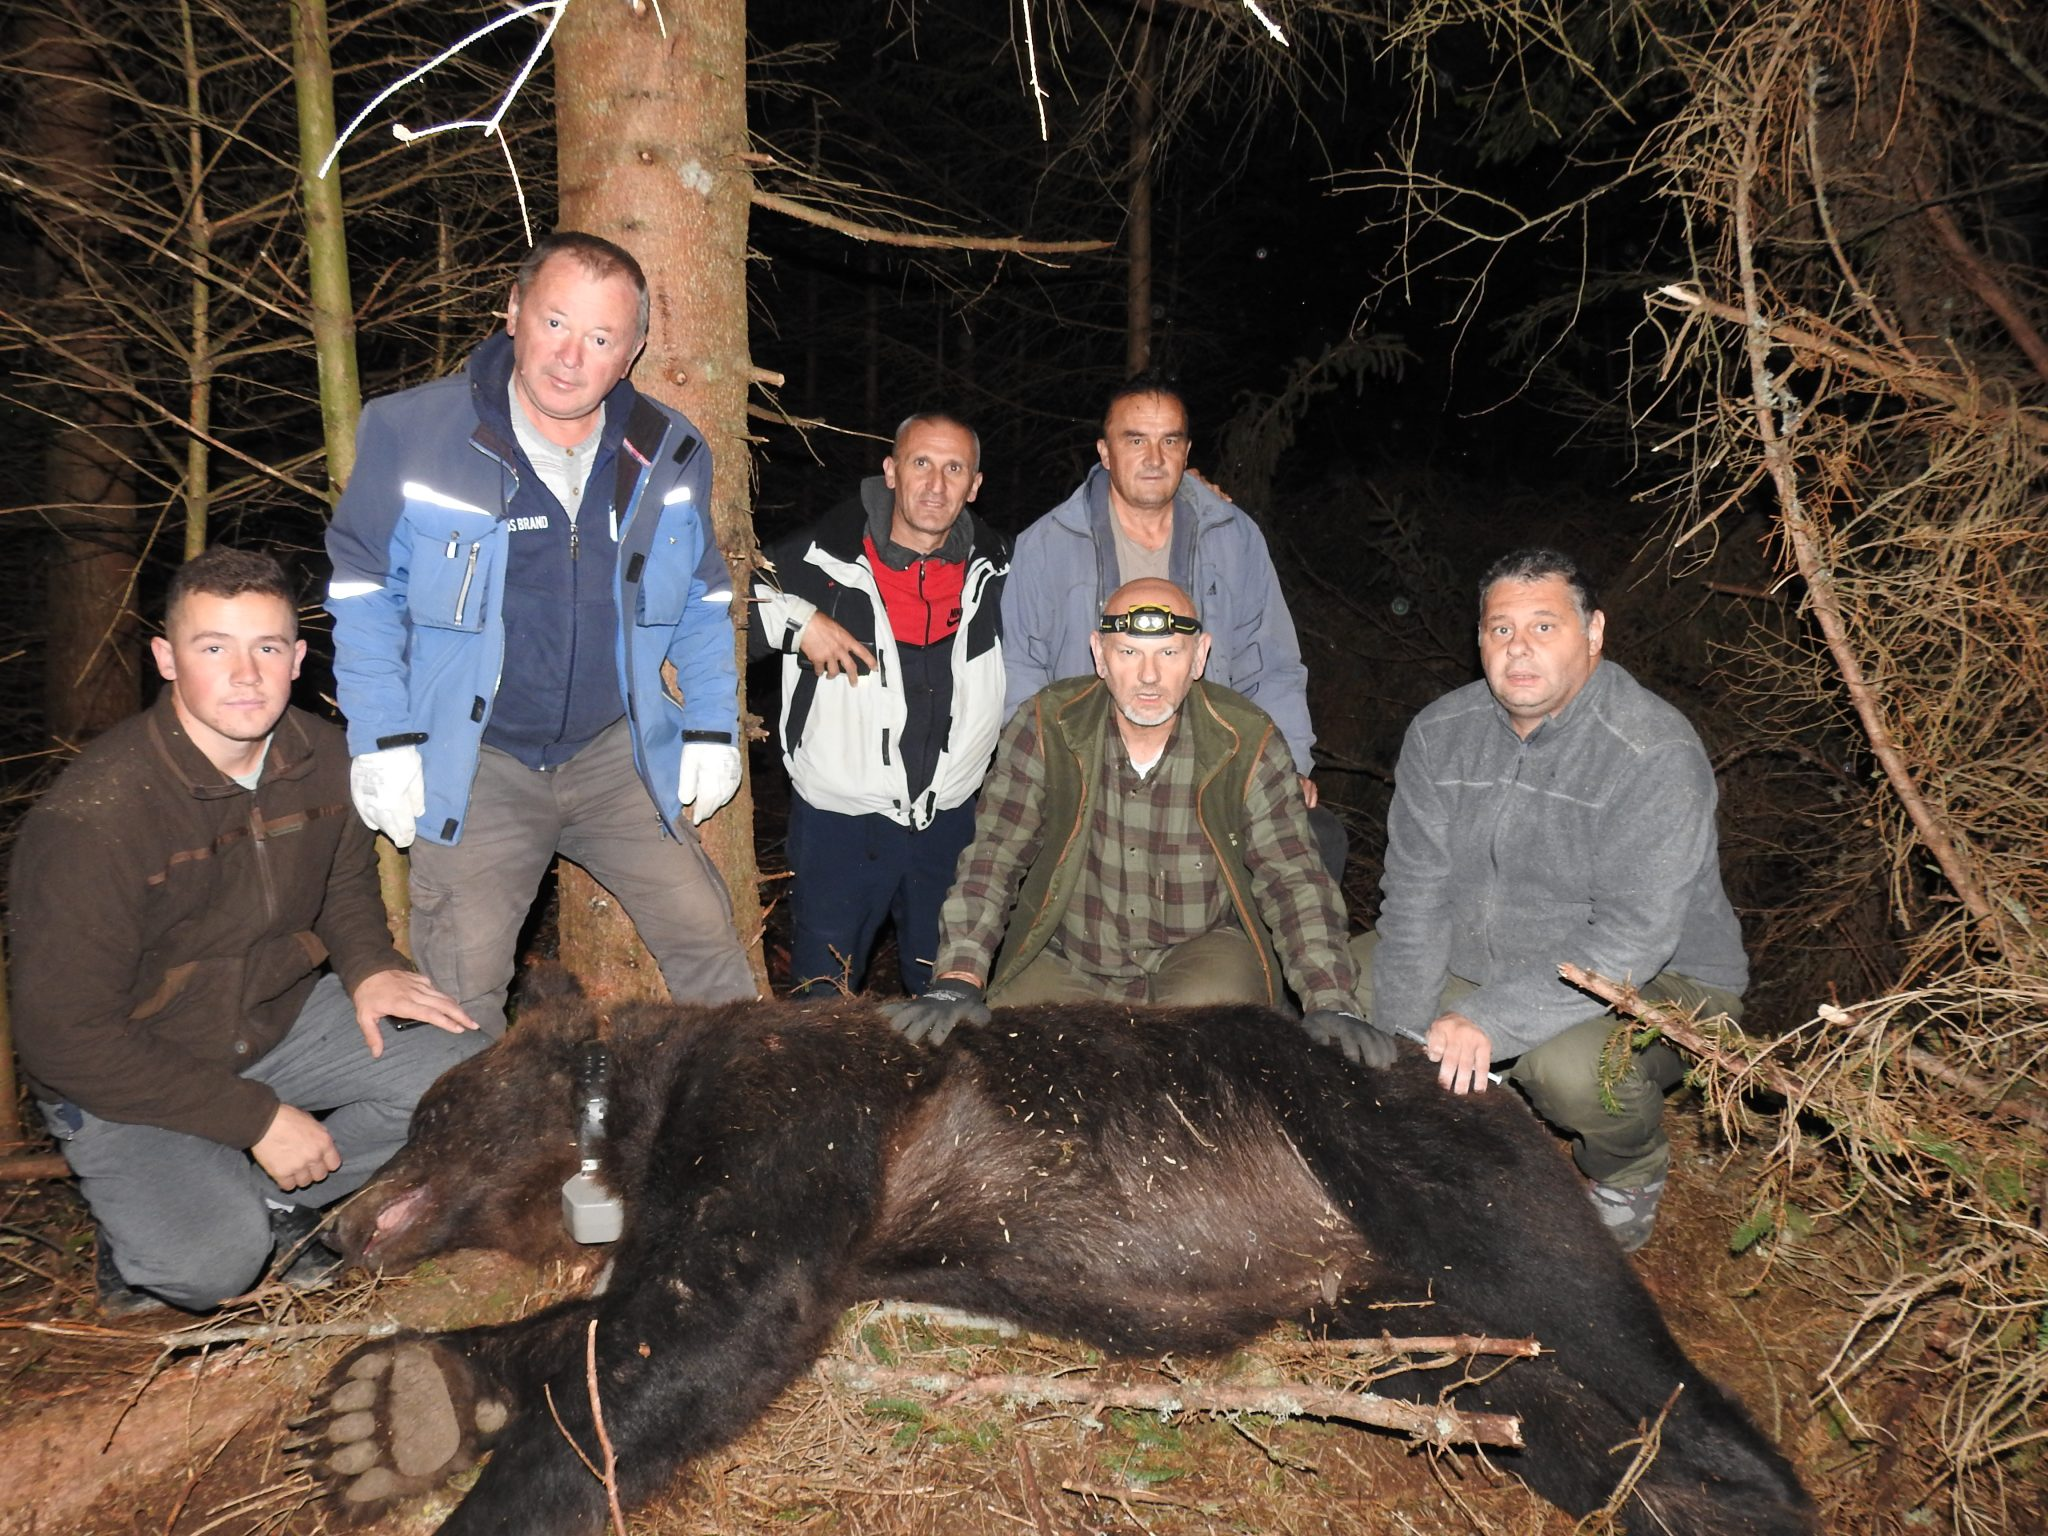 Биолози на Јадовнику маркирали још једног медведа и вучицу, први пут у Србији